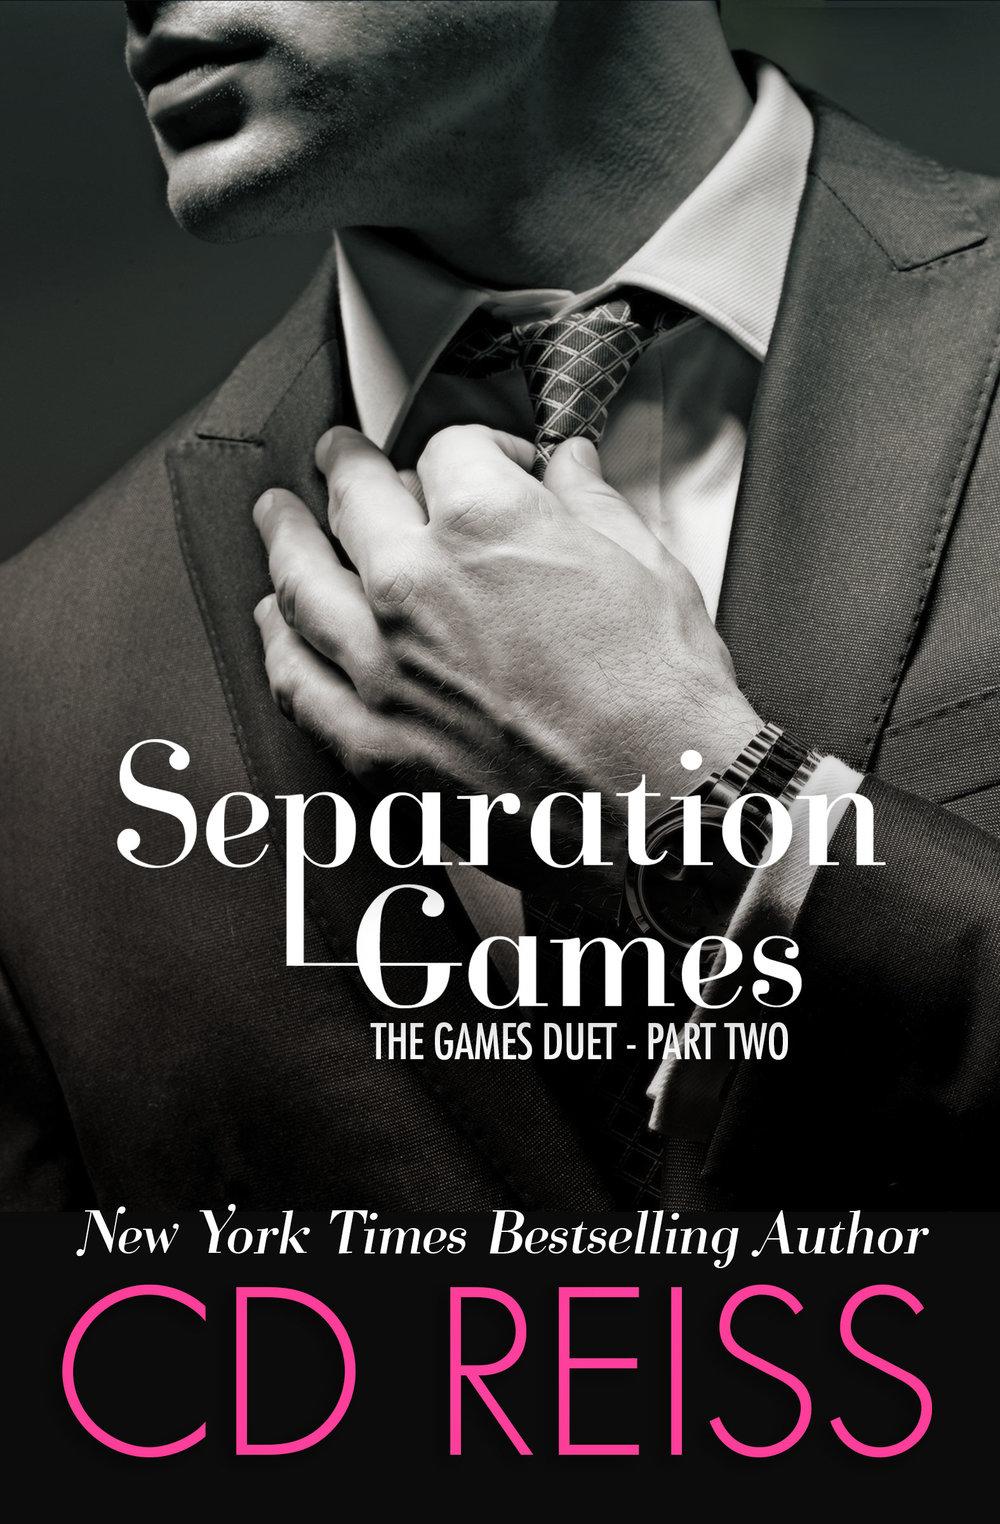 SEPARATION-GAMES-cover-FULL.jpg